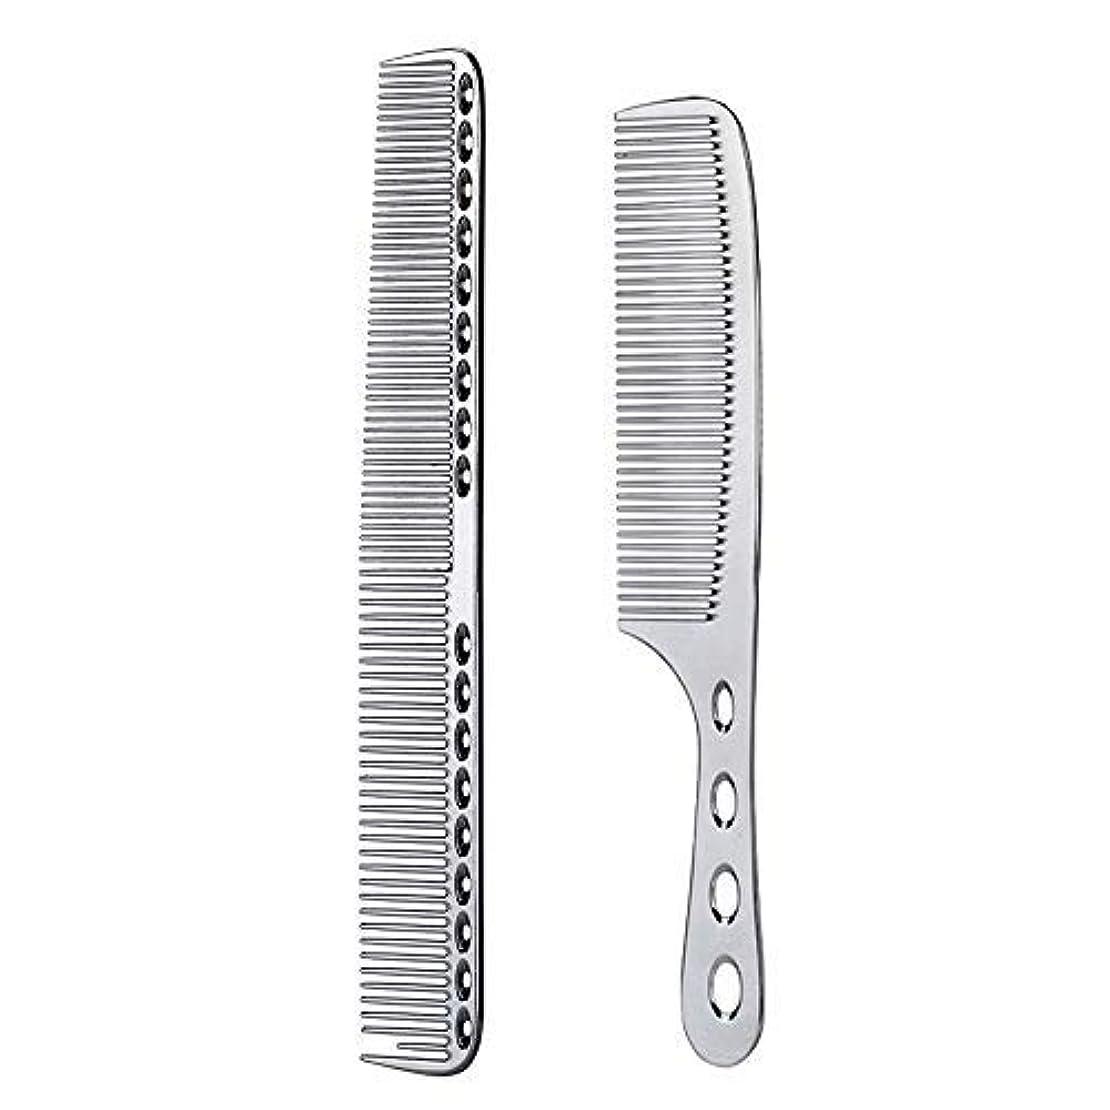 異常造船繊毛2 pcs Stainless Steel Hair Combs Anti Static Styling Comb Hairdressing Barbers Combs (Silver) [並行輸入品]